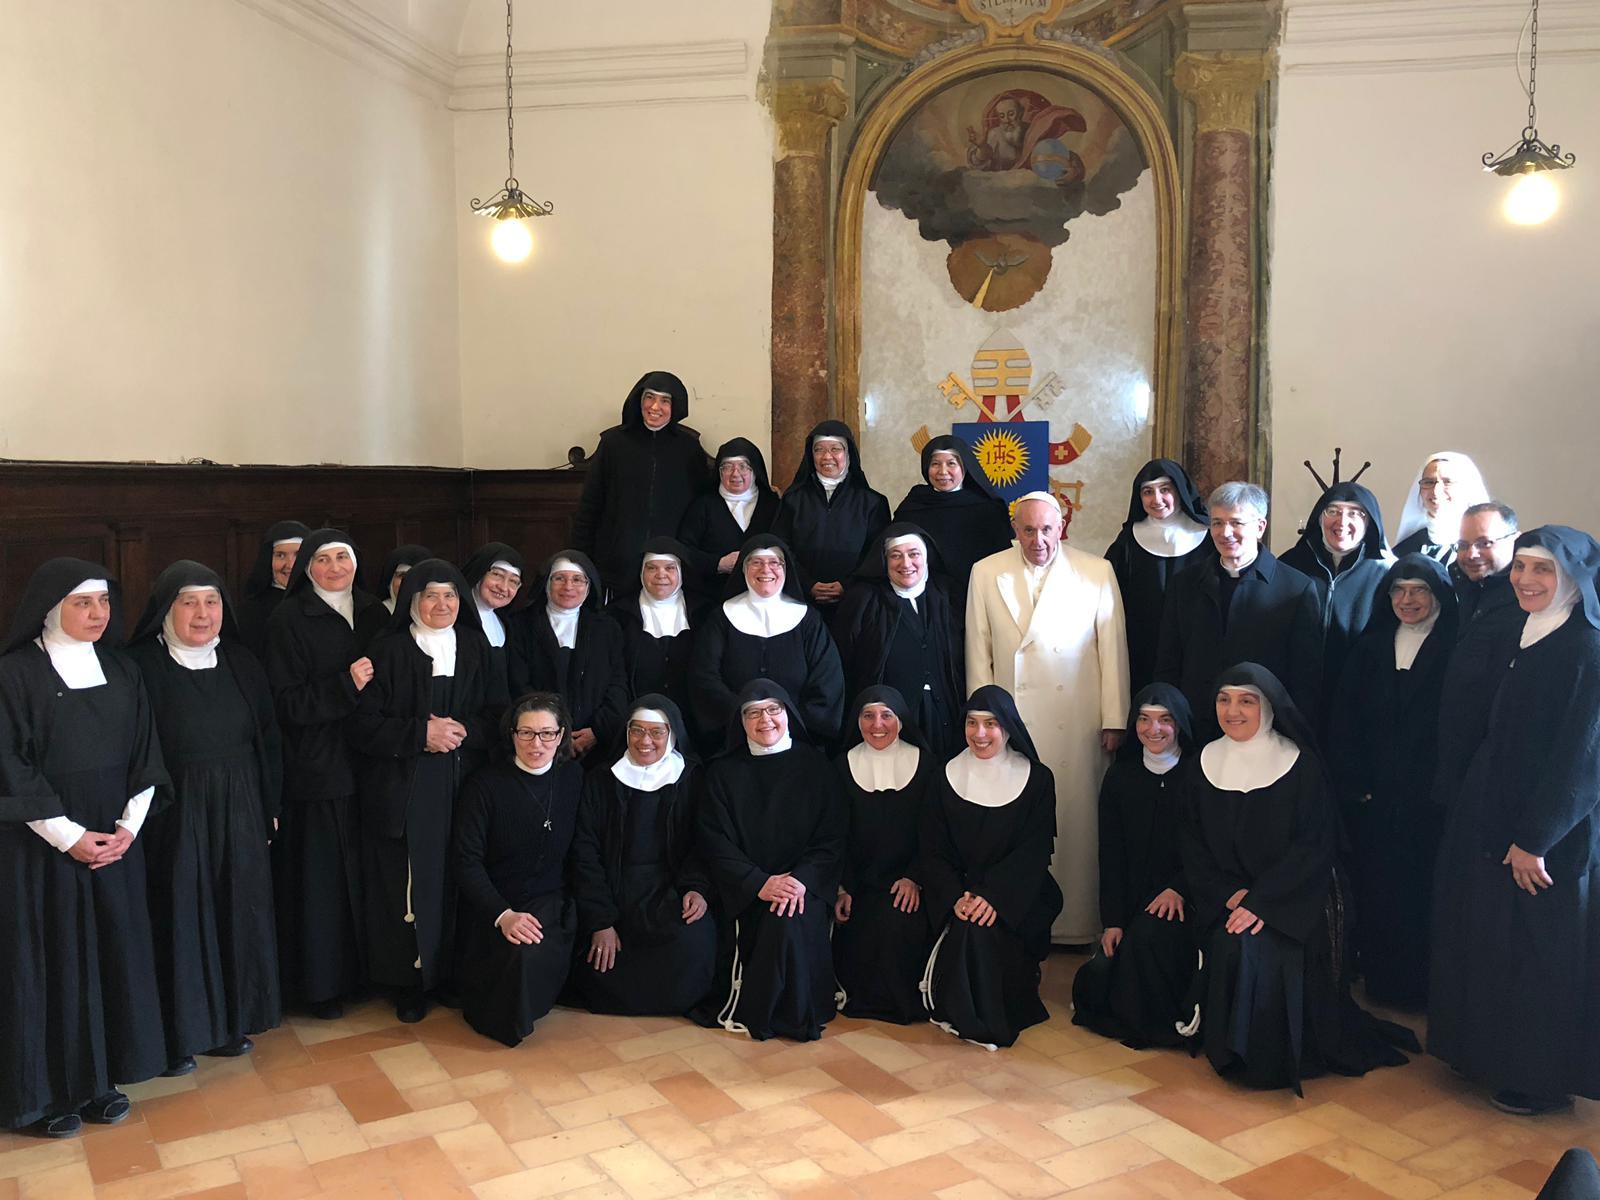 Francisco ha visitado por sorpresa a las Clarisas de Vallegloria, en Perugia, Italia © Vatican Media